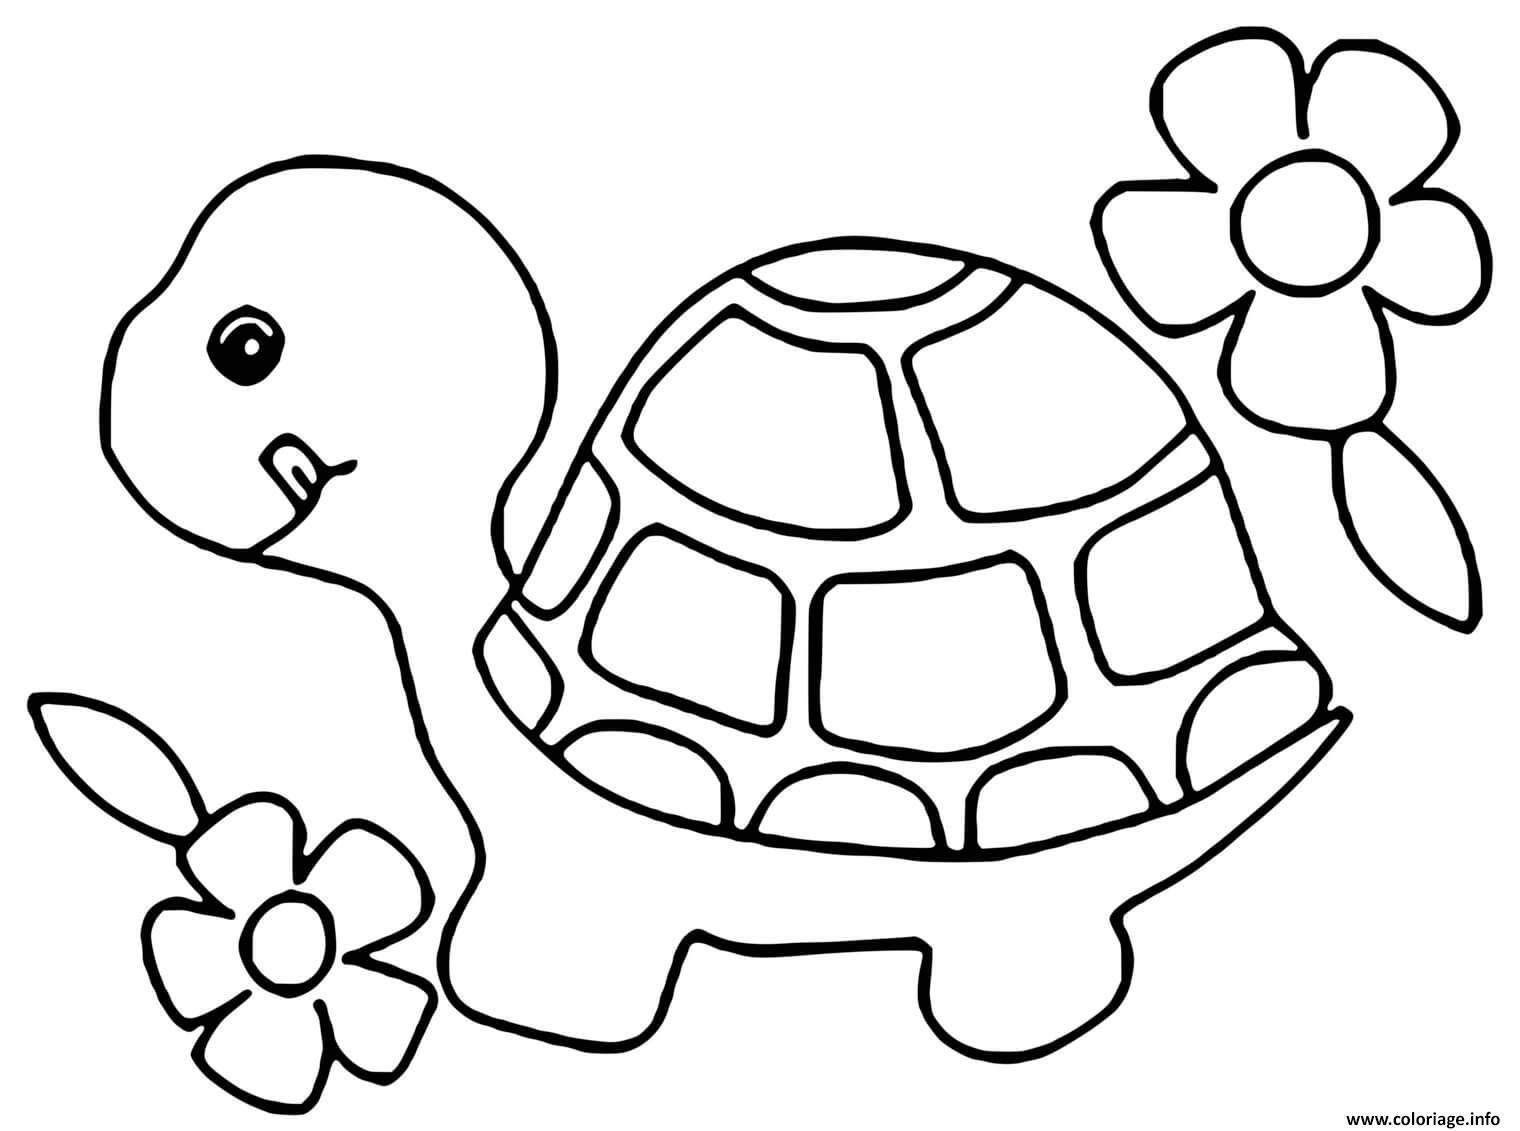 Dessin bebe tortue avec des fleurs Coloriage Gratuit à Imprimer